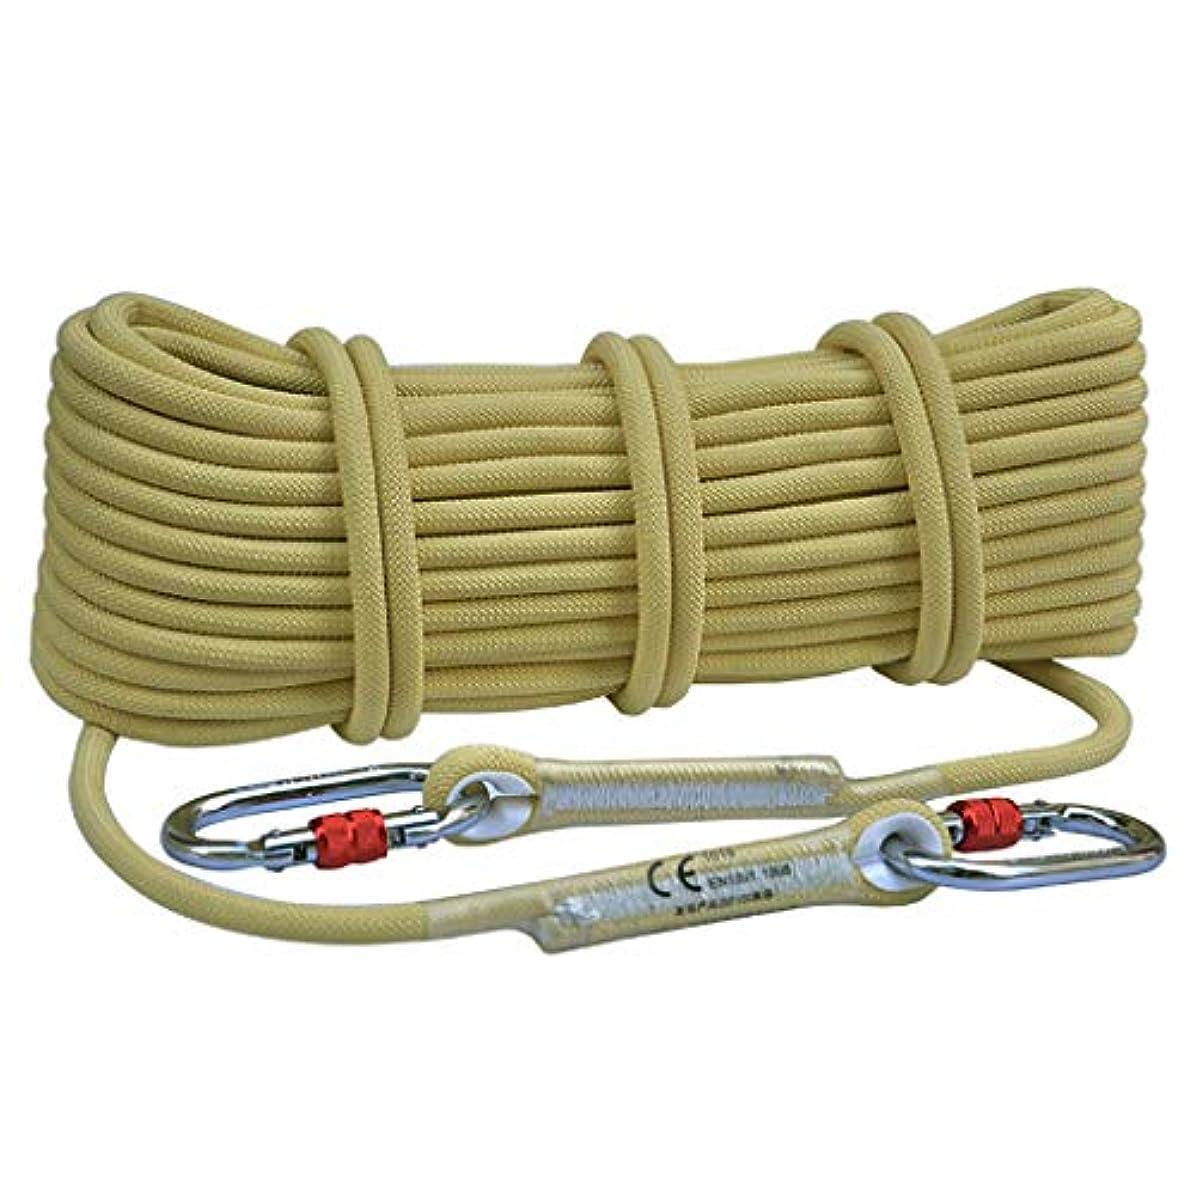 暫定到着する逃れるKTYXDE エスケープロープ静電ロープケブラーロープ難燃性高温耐性直径8 / 10.5 mm クライミングロープ (Size : 8mm 70m)